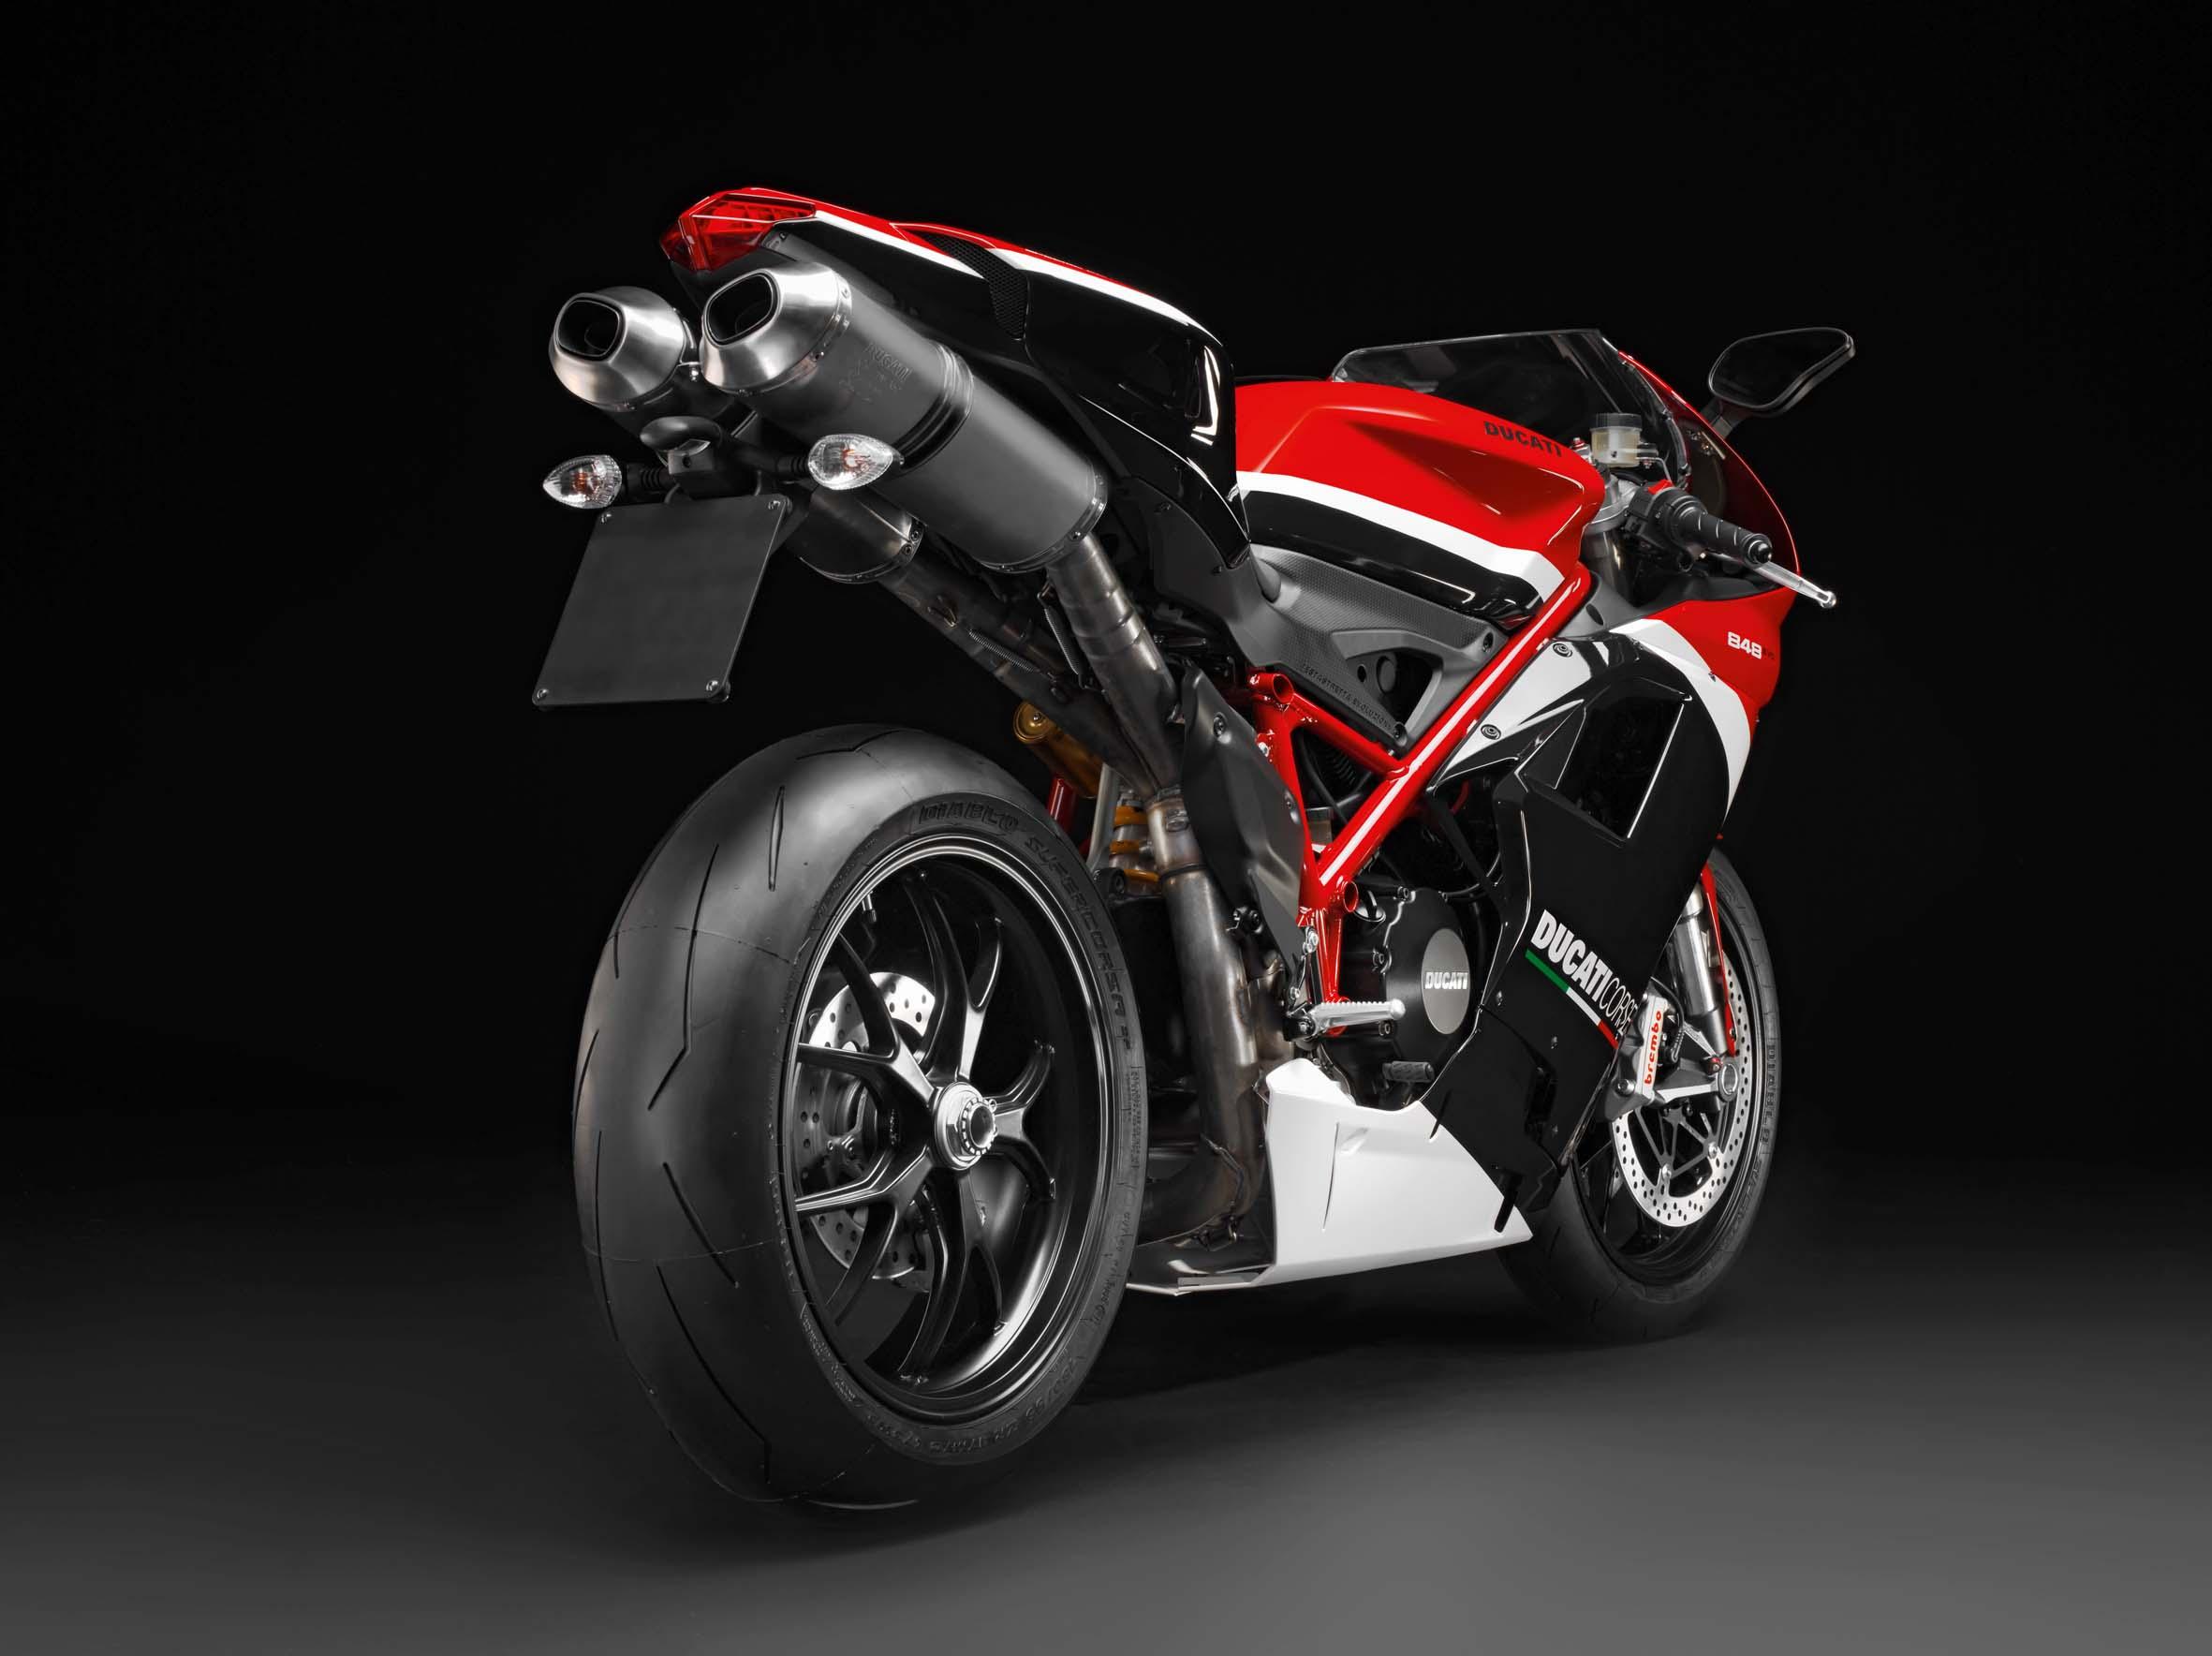 2012 Ducati Superbike 848 EVO Corse Special Edition